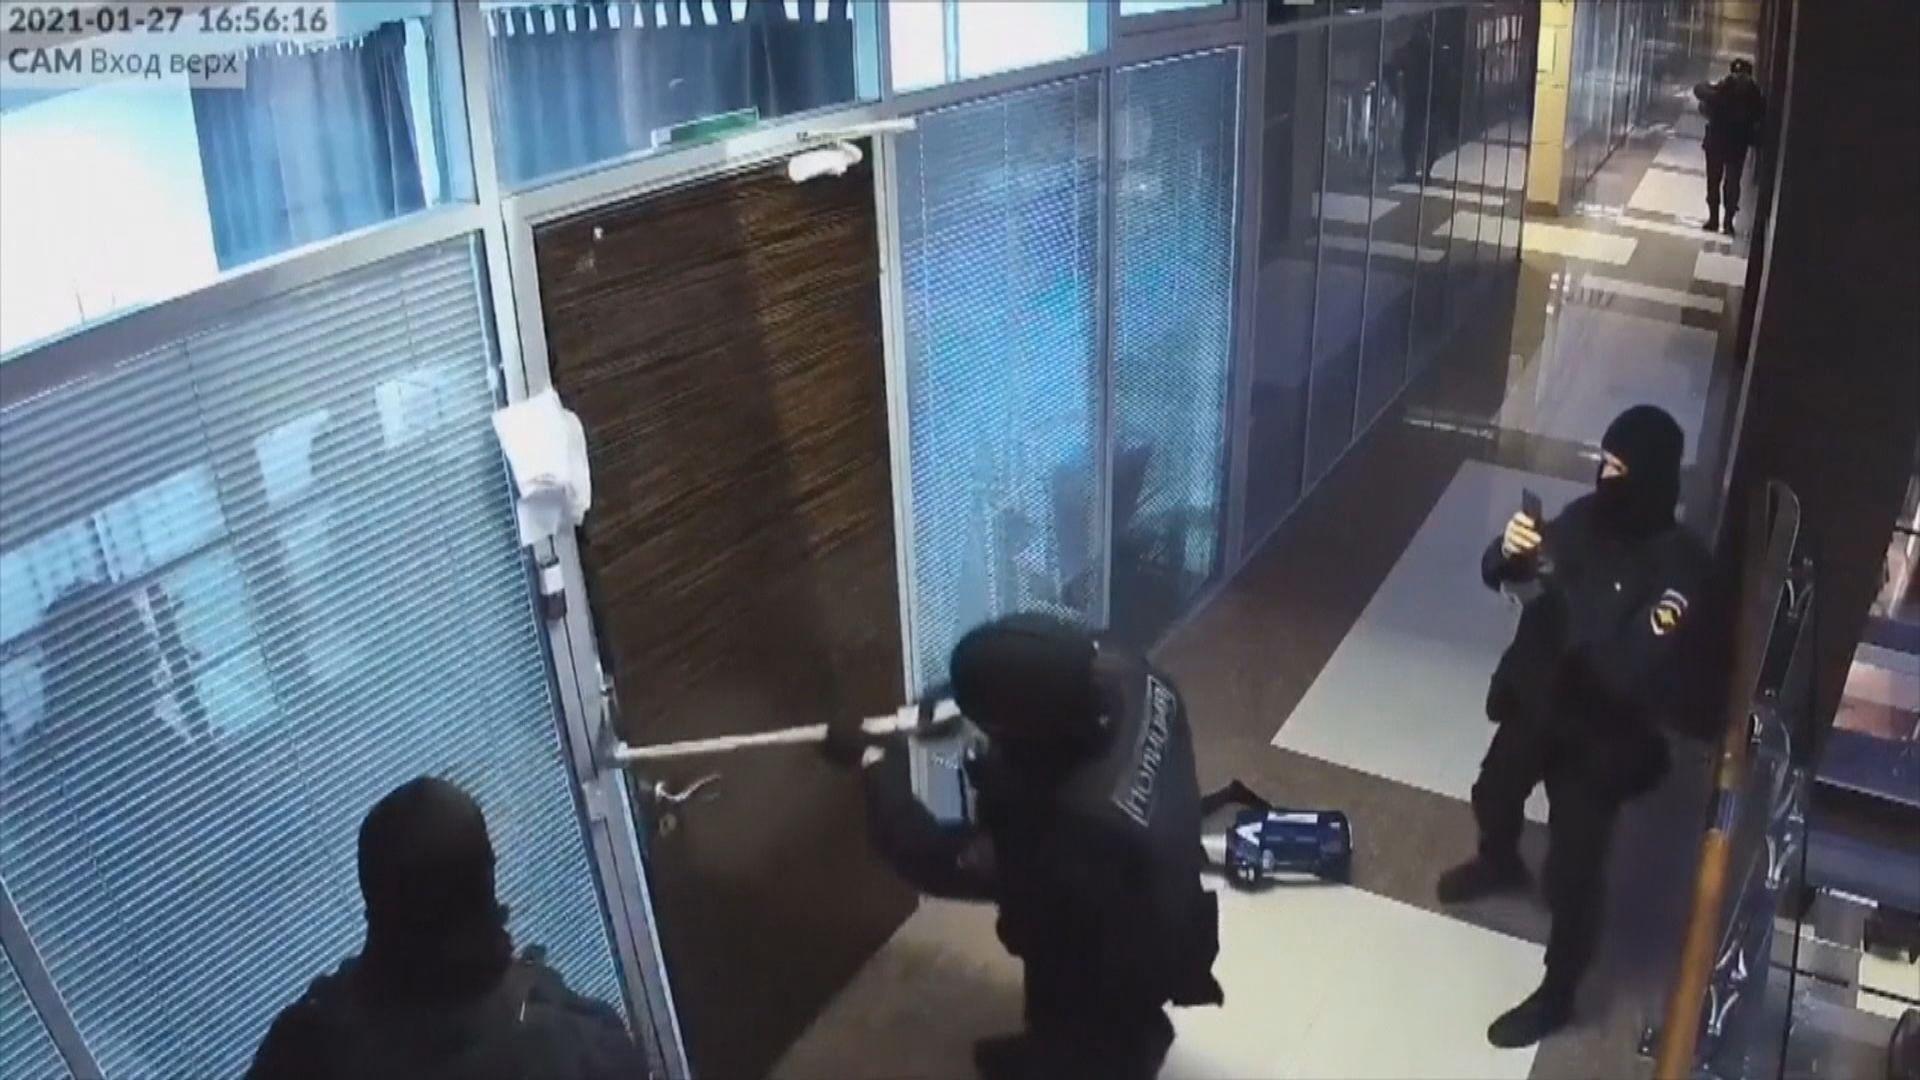 俄羅斯警方突搜查反對派領袖及其盟友住所與辦公室